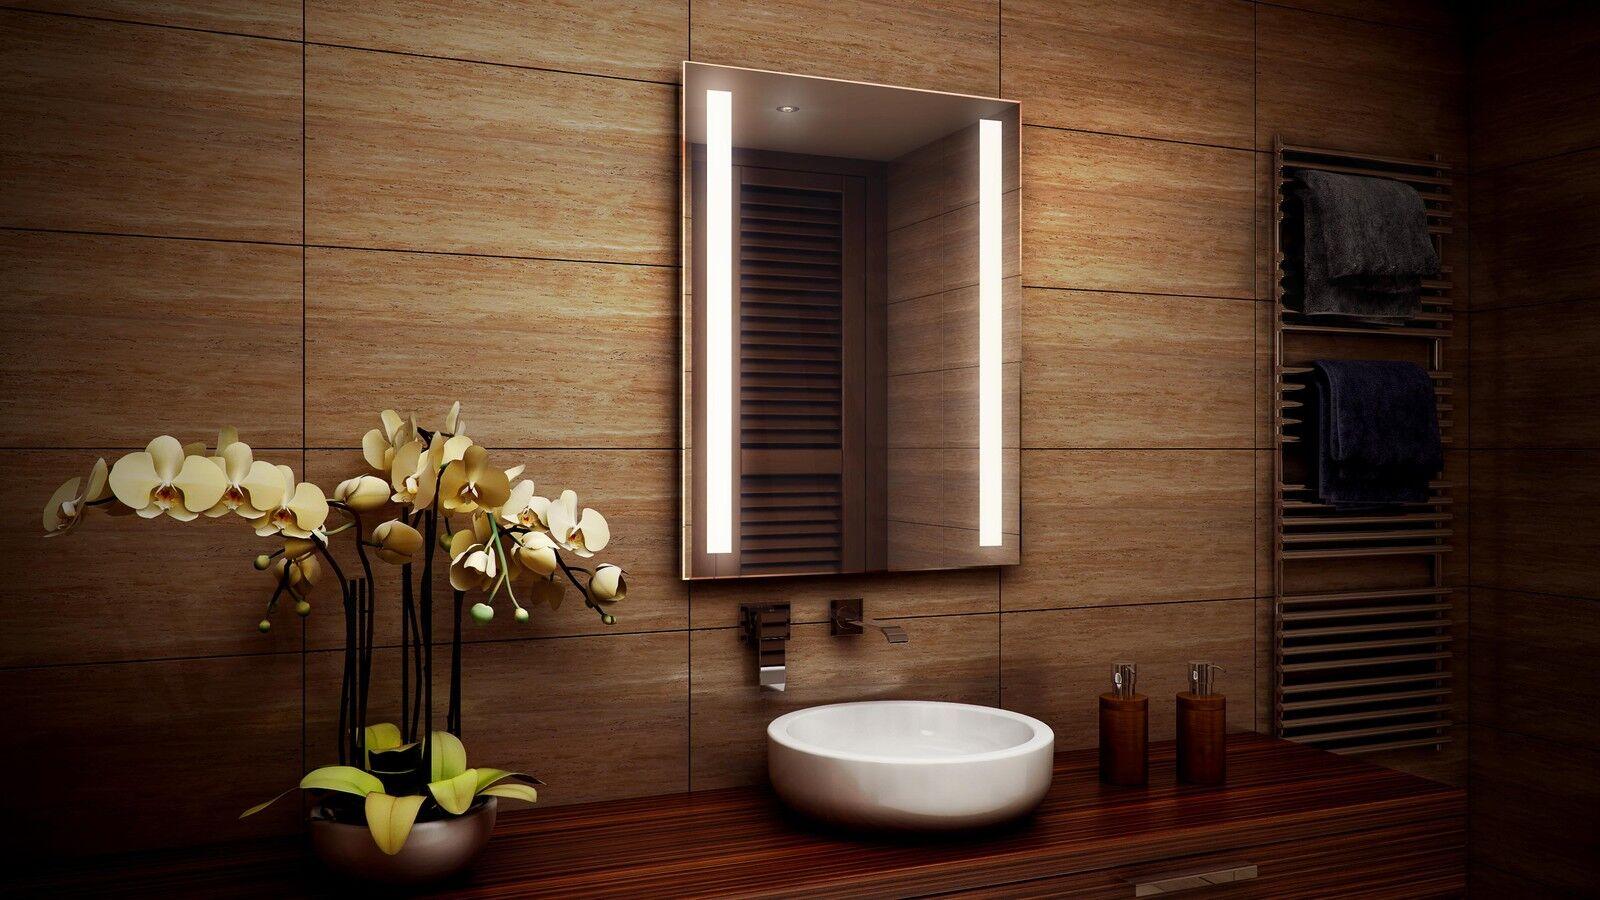 Design Miroir top qualité 'pp-MX' nouveau ledspiegel Lumière Lumière Lumière Miroir Miroir de salle LED | Des Styles Différents  770605